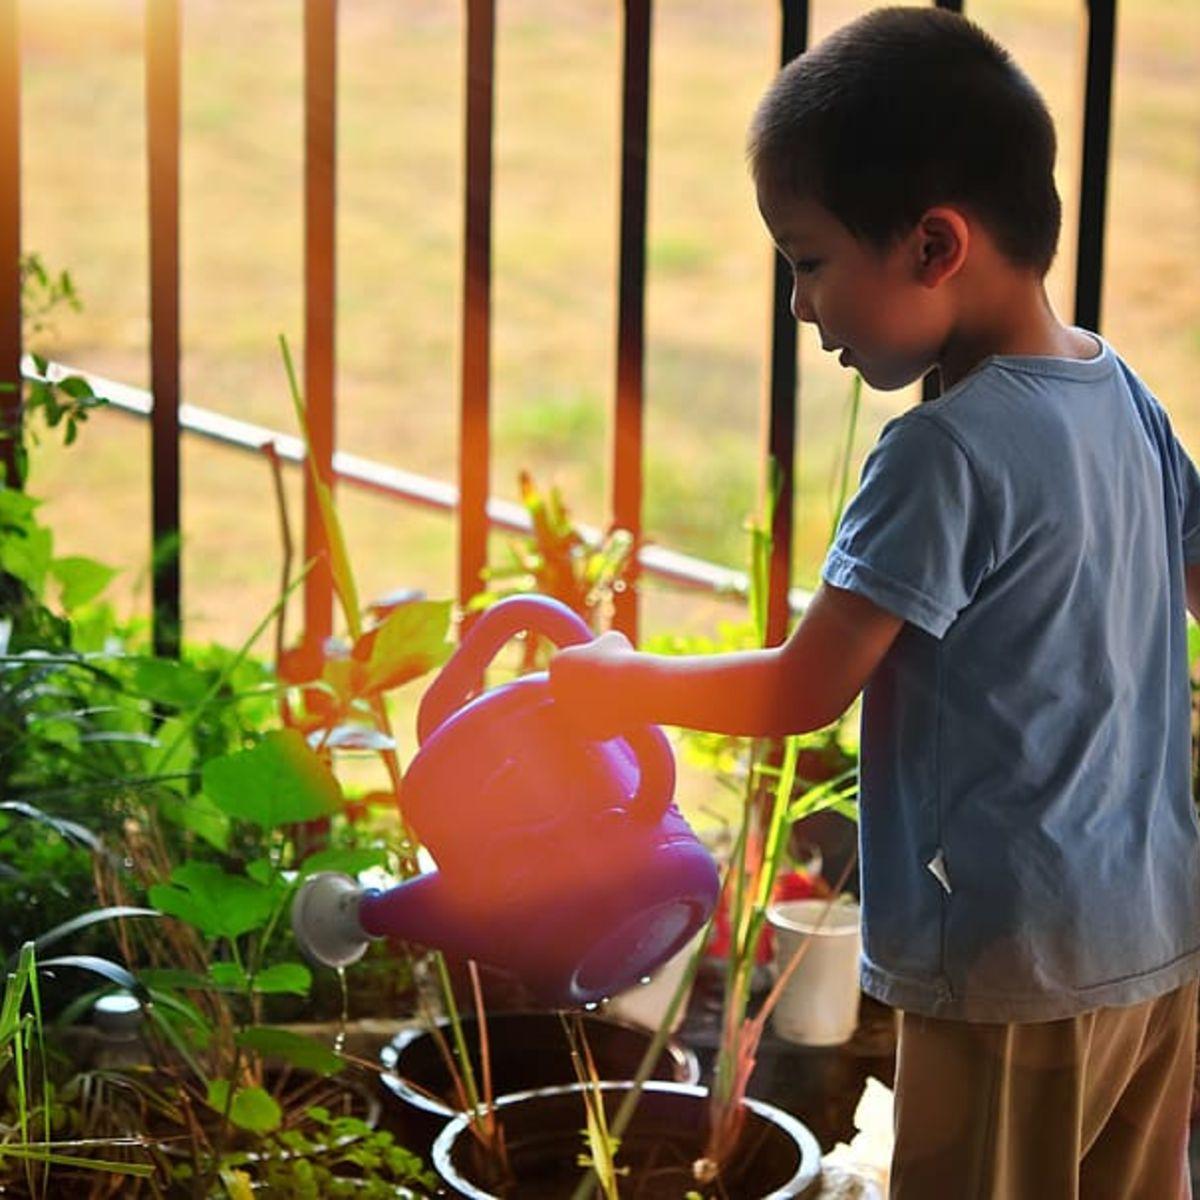 garden activities for children